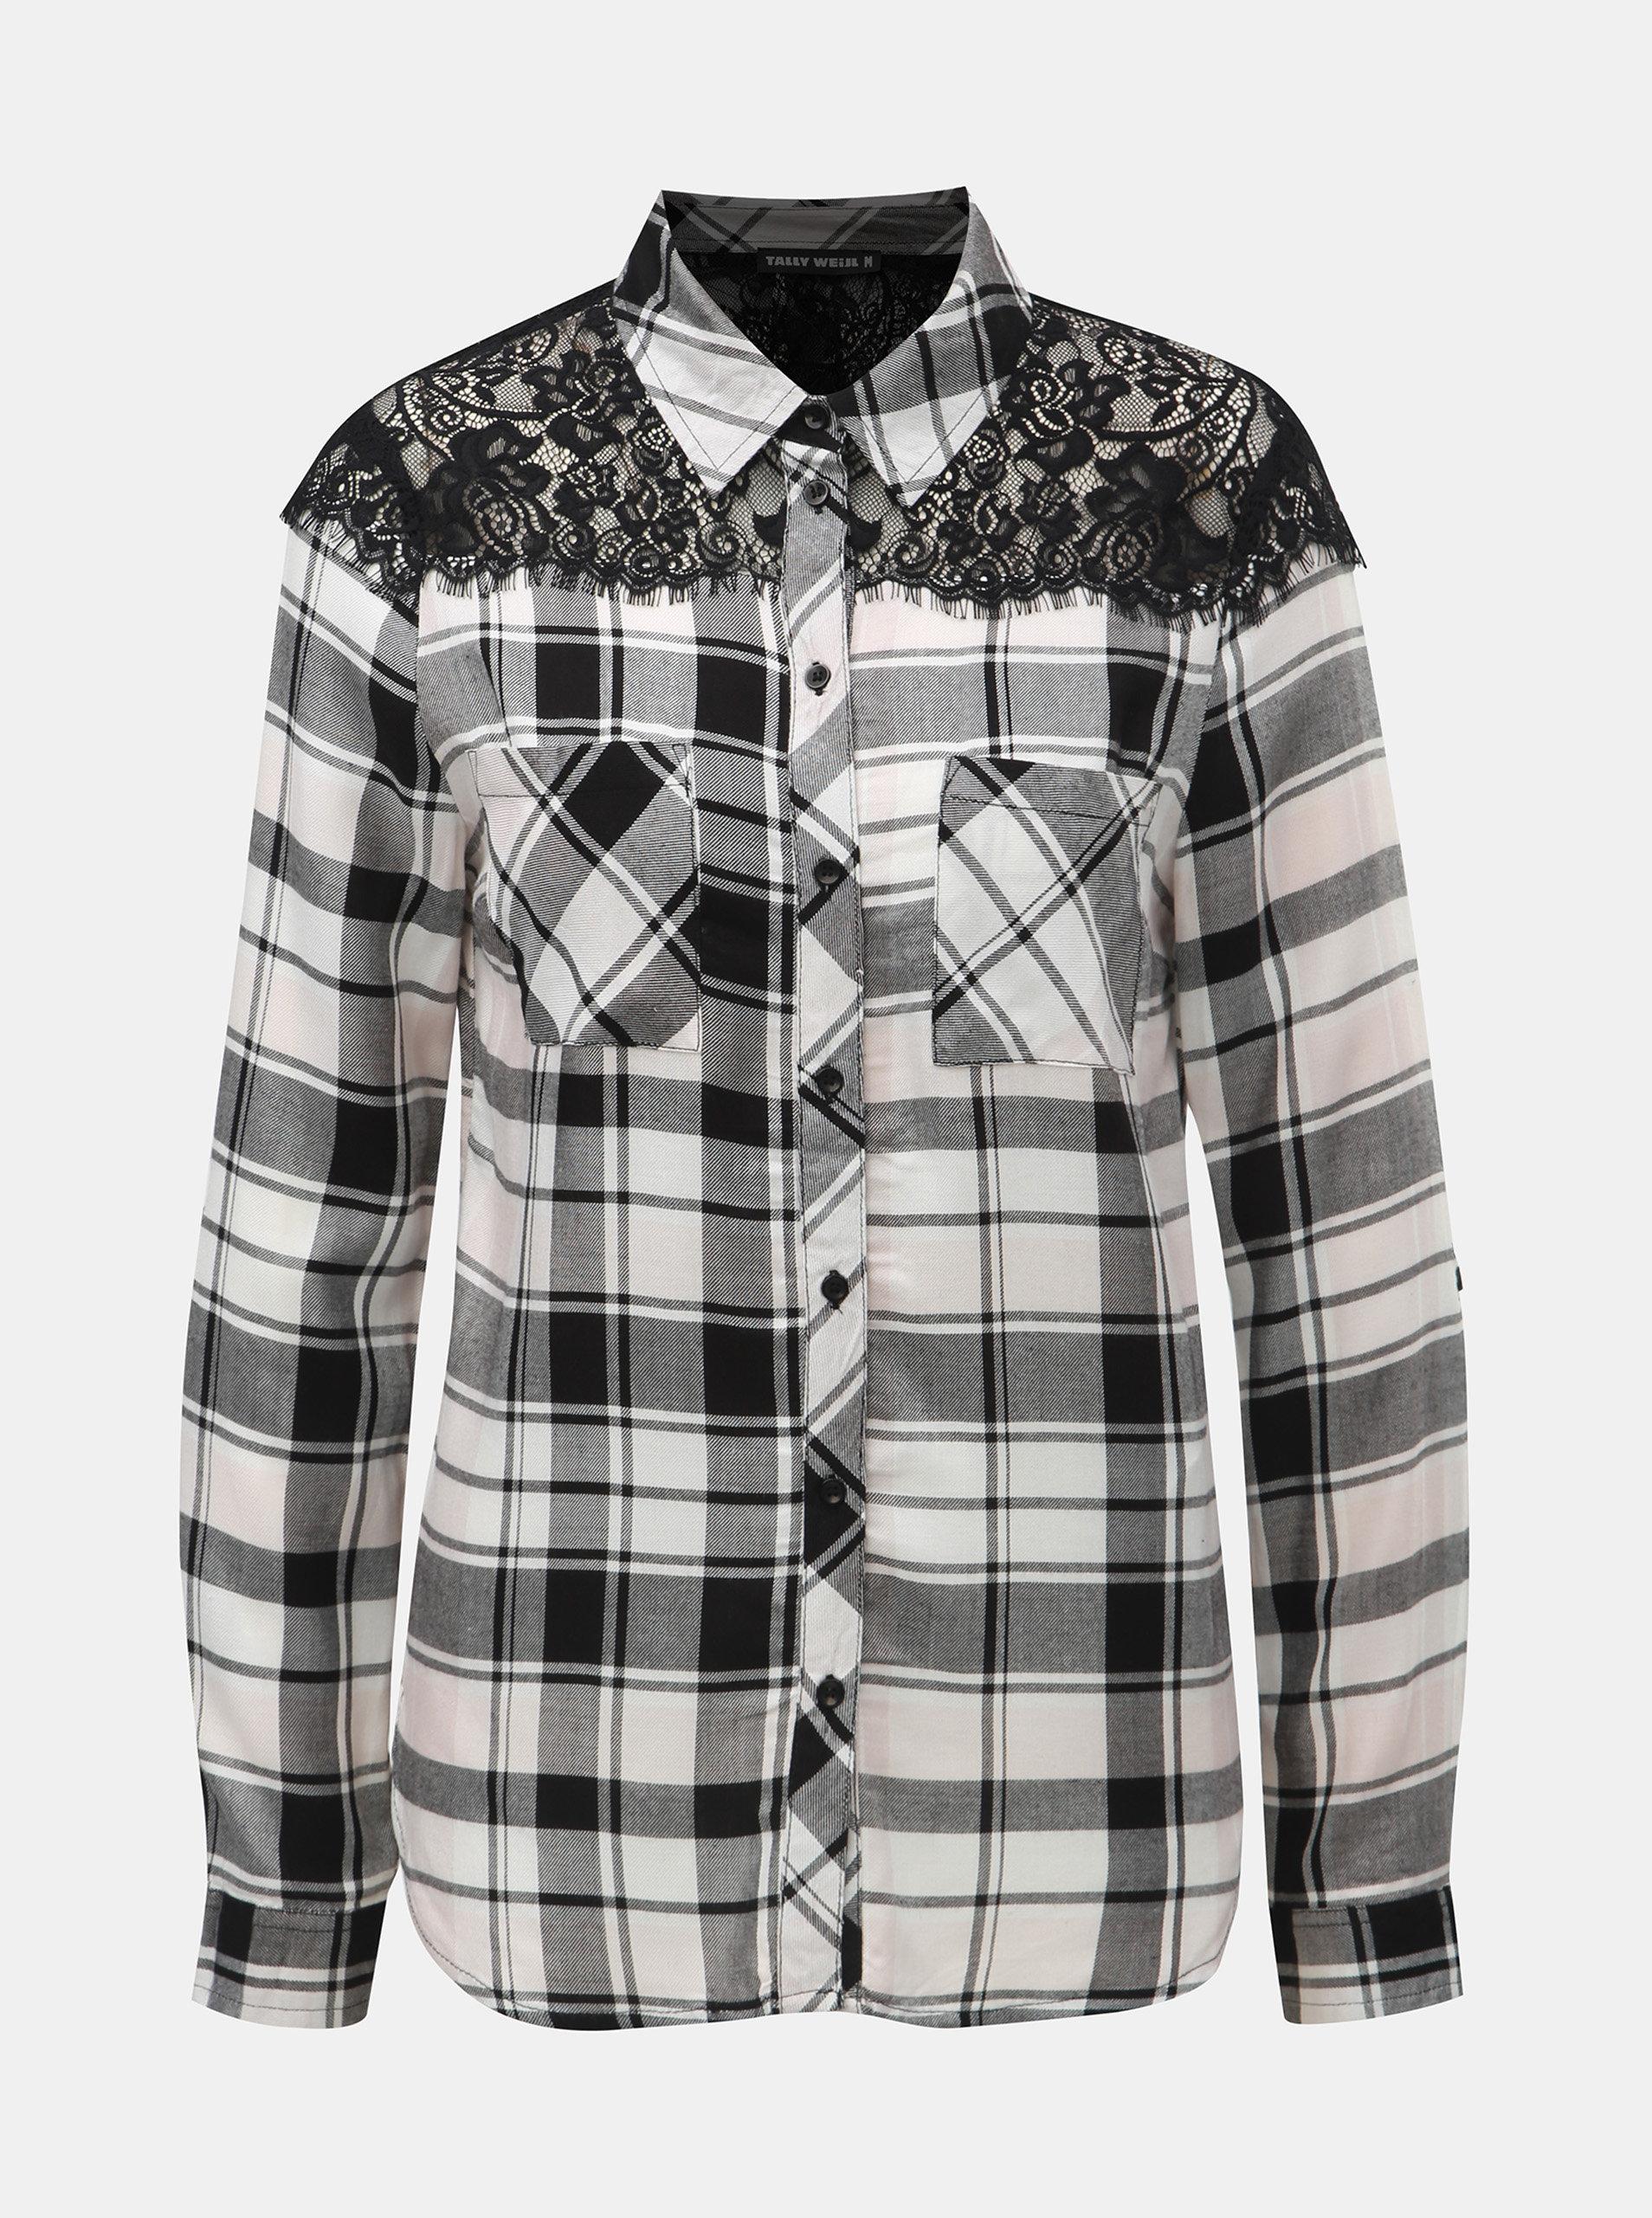 Bílo-černá kostkovaná košile s krajkou na ramenou TALLY WEiJL ... eeab549d79